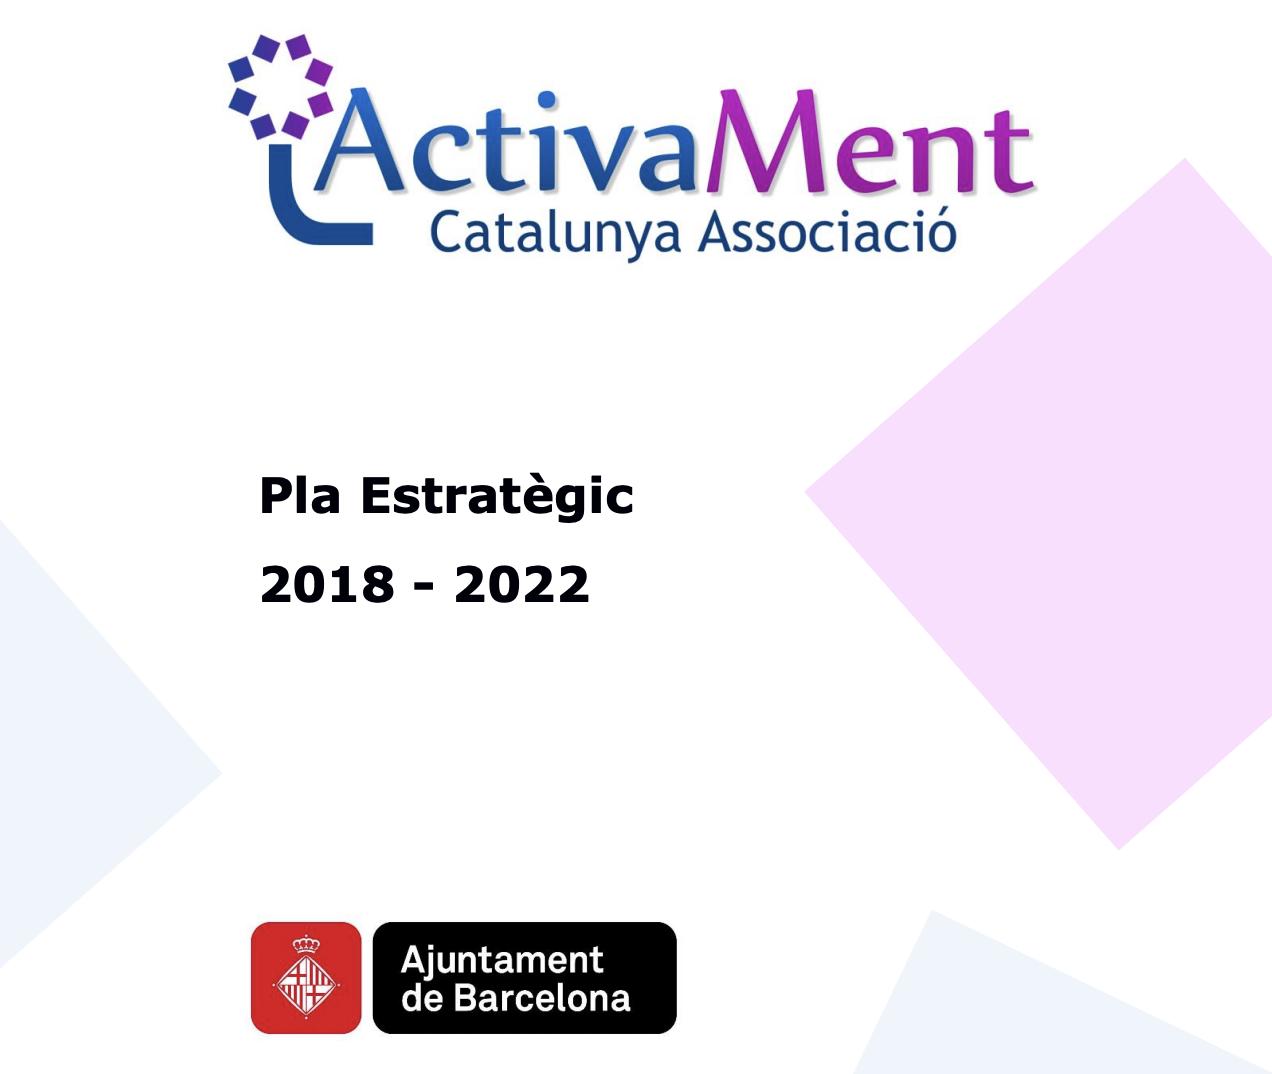 Portada Pla Estratègic 2018-2022